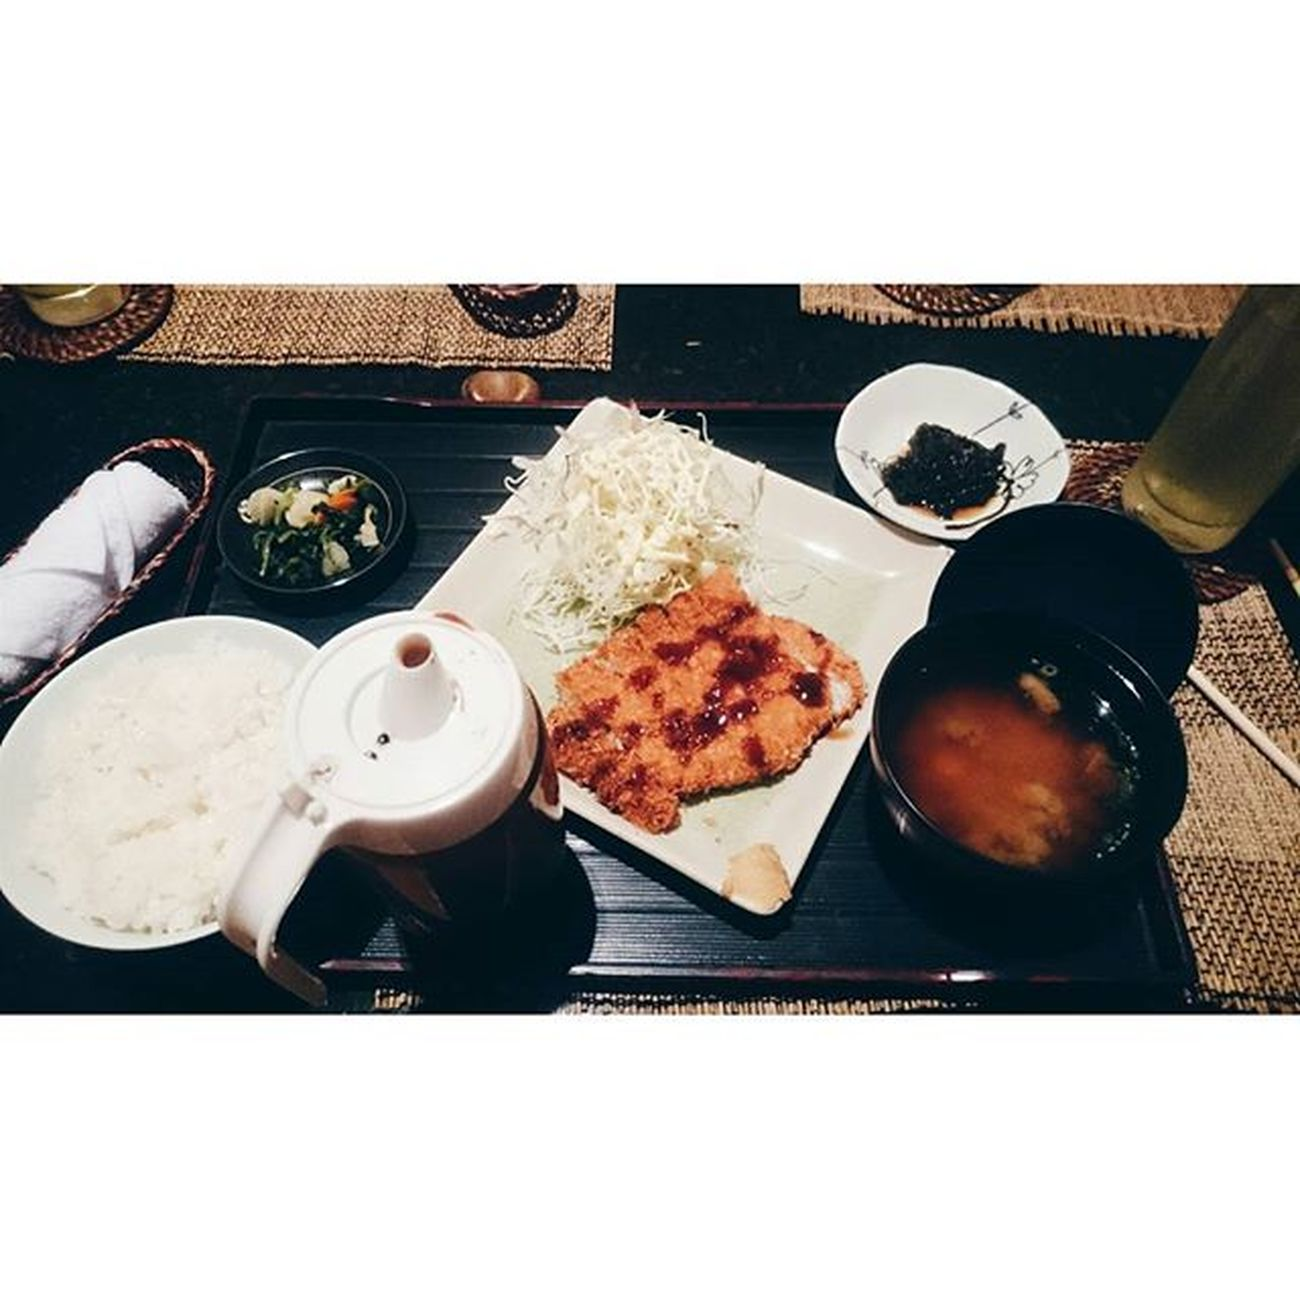 [Chikuan Japanese Restaurant- 108 Cửa Bắc] 🔹 Hơi khuất vì bên cạnh toàn các cửa hàng to to. Quán theo phong cách Nhật Bản, khá là ưng không gian quán, đúng chất Nhật luôn, từ cái cửa ra vào, phòng ăn, bày trí tranh ảnh đến cách bày biện bát đũa trên bàn. 🔹Đặc biệt quán gồm những phòng ăn nhỏ nên thích hợp cho nhóm nhỏ hoặc những người thích không gian riêng tư, yên tĩnh. 🔹 Nhân viên ổn, lịch sự. Tương đối nhẹ nhàng, thân thiện. 🔹 Trên ảnh là set cơm cùng Tonkatsu ăn kèm rong biển (not sure), salad, rau củ quả và súp miso. Có lẽ không hợp khẩu vị nên ăn cảm giác ăn hơi mặn, đặc biệt là nước sốt tonkatsu và súp nhưng bù lại cơm và thịt khá ngon, ăn có cảm giác giòn giòn của lớp vỏ và mềm mềm của phần thịt bêm trong khá là ưng. Bên cạnh đó là dù không gọi nước thì quán vẫn phục vụ kèm theo một cốc trà. 🔹Giá ~300k/ 2 người. Nếu rủng rỉnh tiền cũng đáng để thử được ăn 1 quán Nhật Bản tương đối đúng nghĩa trong lòng Hà Nội. 😉 Lozi Lozihn Foodyhanoi Zizohanoi Foodporn Japaneserestaurant Tonkatsu Misosoup Salad Yummy Lunch Susfoodtrip